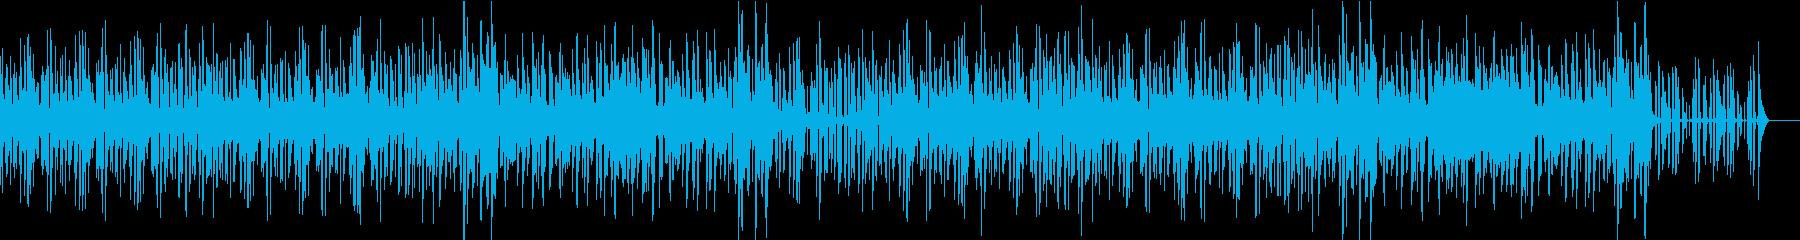 リズミカルで明るいジャズの再生済みの波形